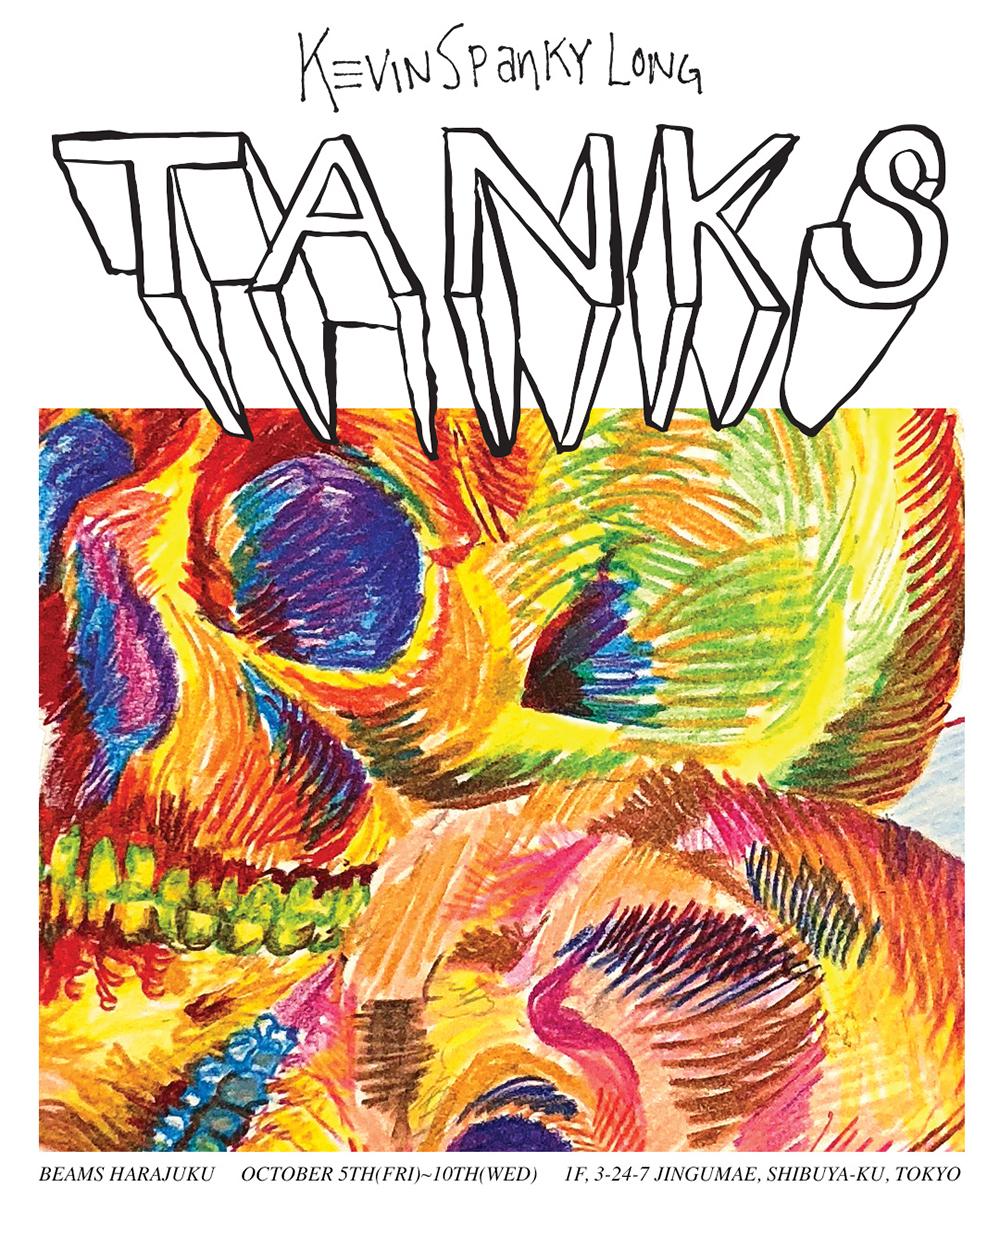 【国内・INFO】KEVIN SPANKY LONG ARTSHOW – TANKS : 10月5日、BEAMS 原宿 にて開催。